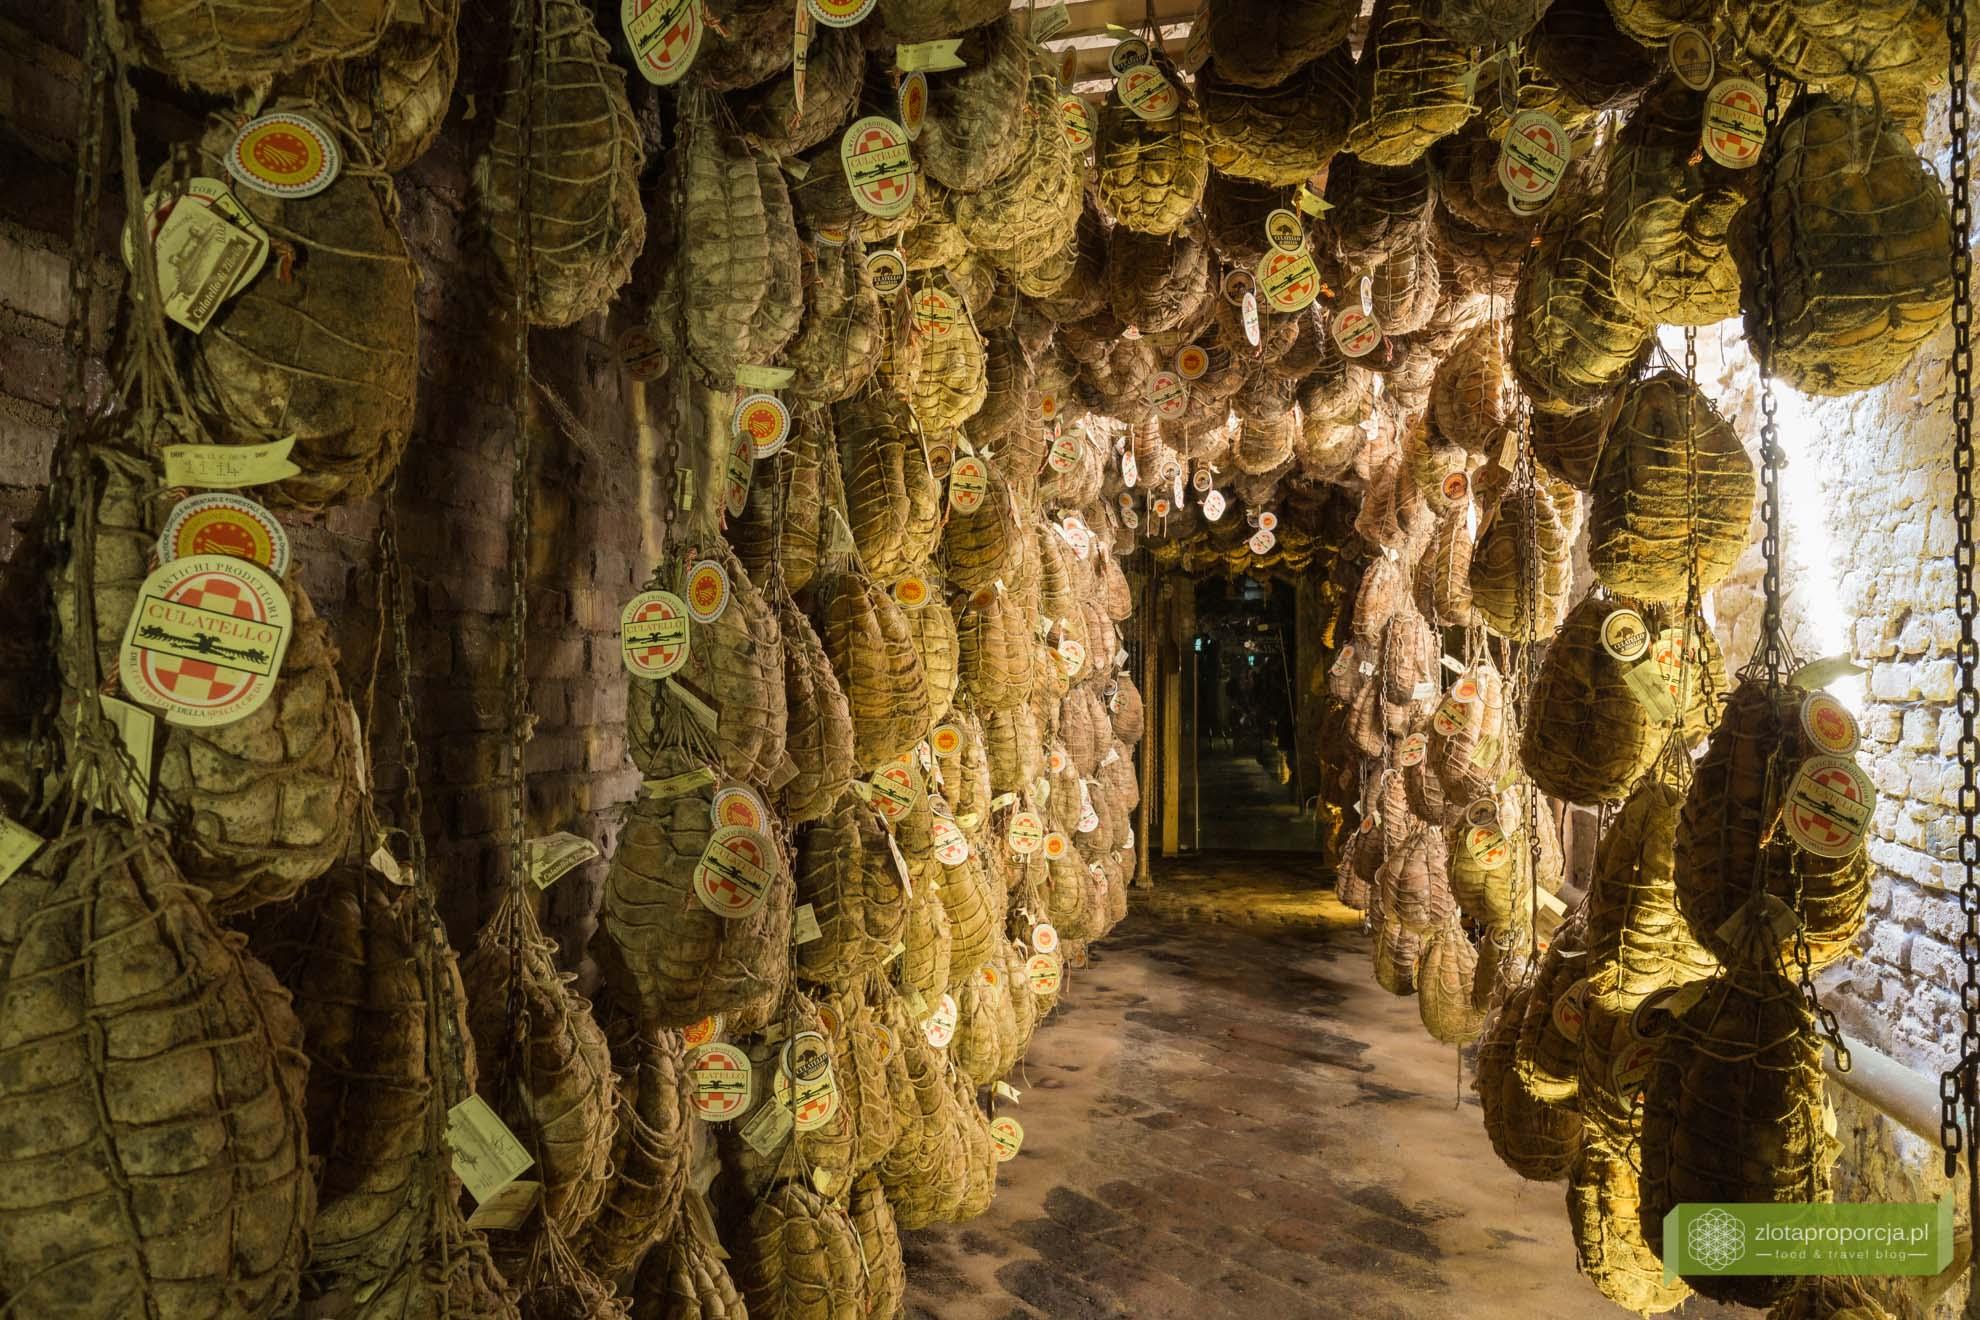 Culatello di Zibello, Antica Corte Pallavicina, Emilia-Romania; kuchnia Emilii-Romanii; kuchnia włoska; włoska szynka, okolice Parmy,; najdroższa włoska szynka; culatello spigaroli;